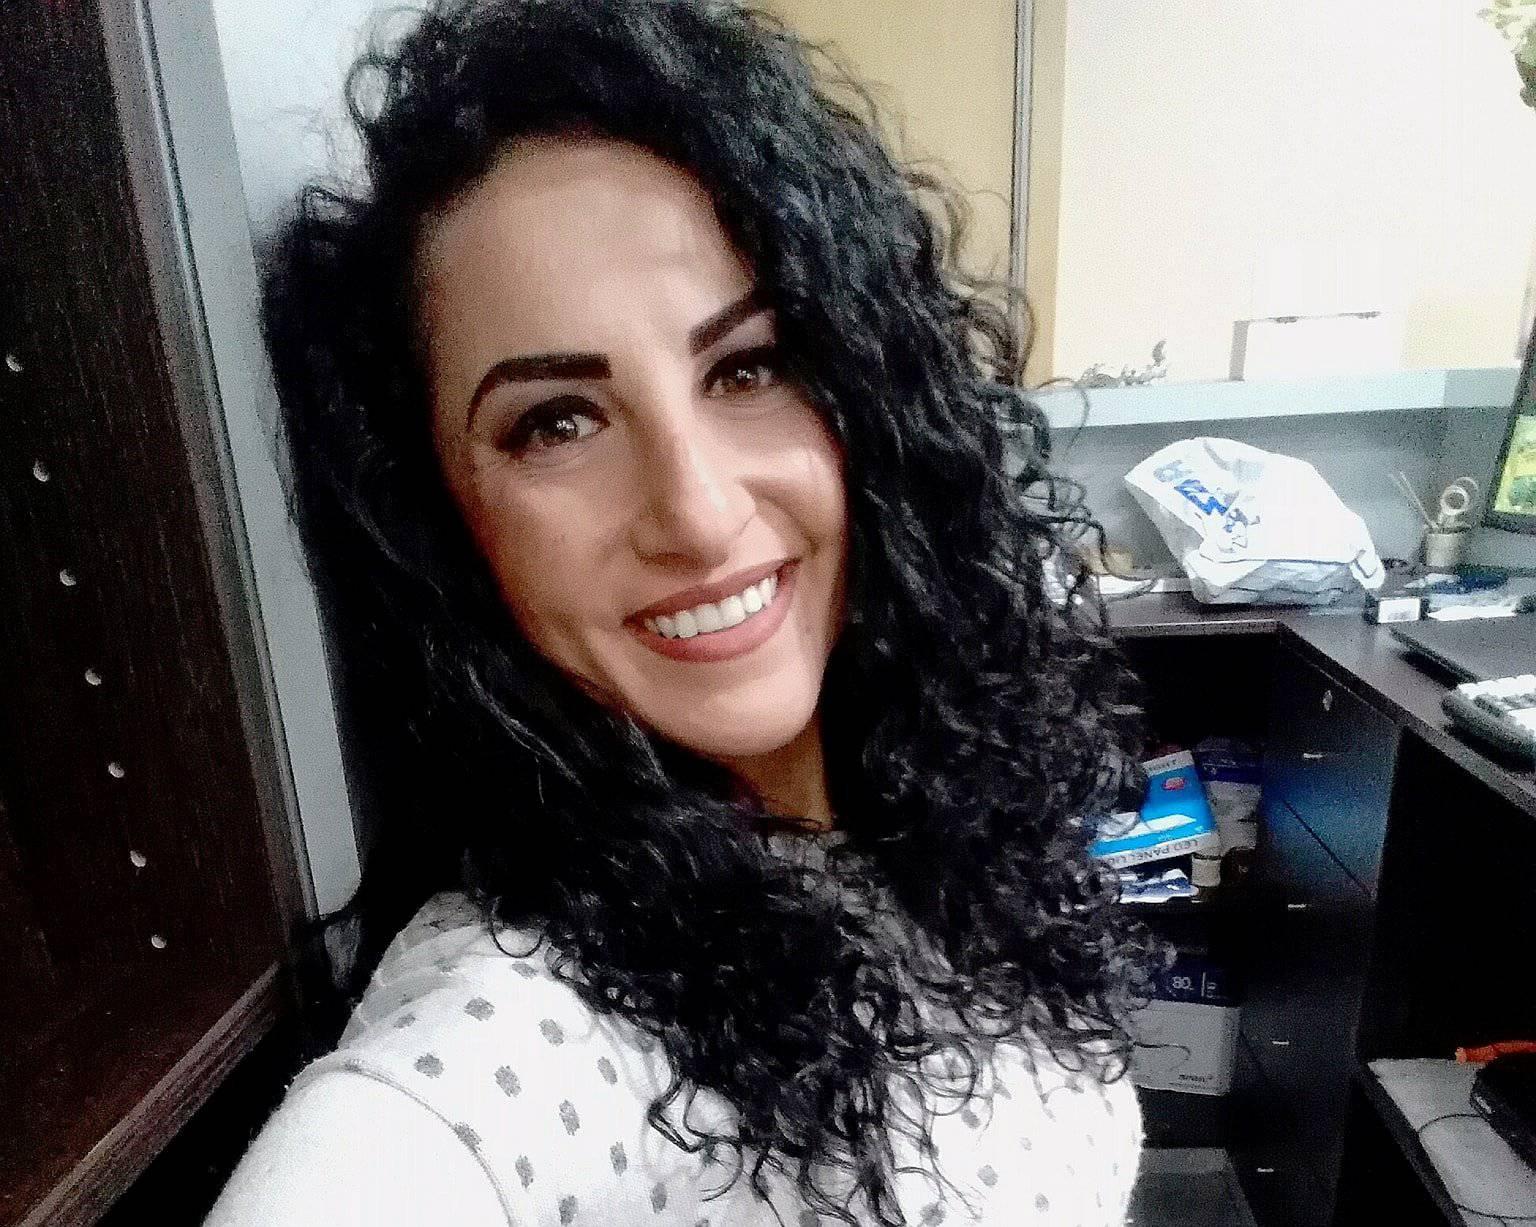 Ilaria muore due giorni dopo la proposta di matrimonio in un incidente - Leggilo.org